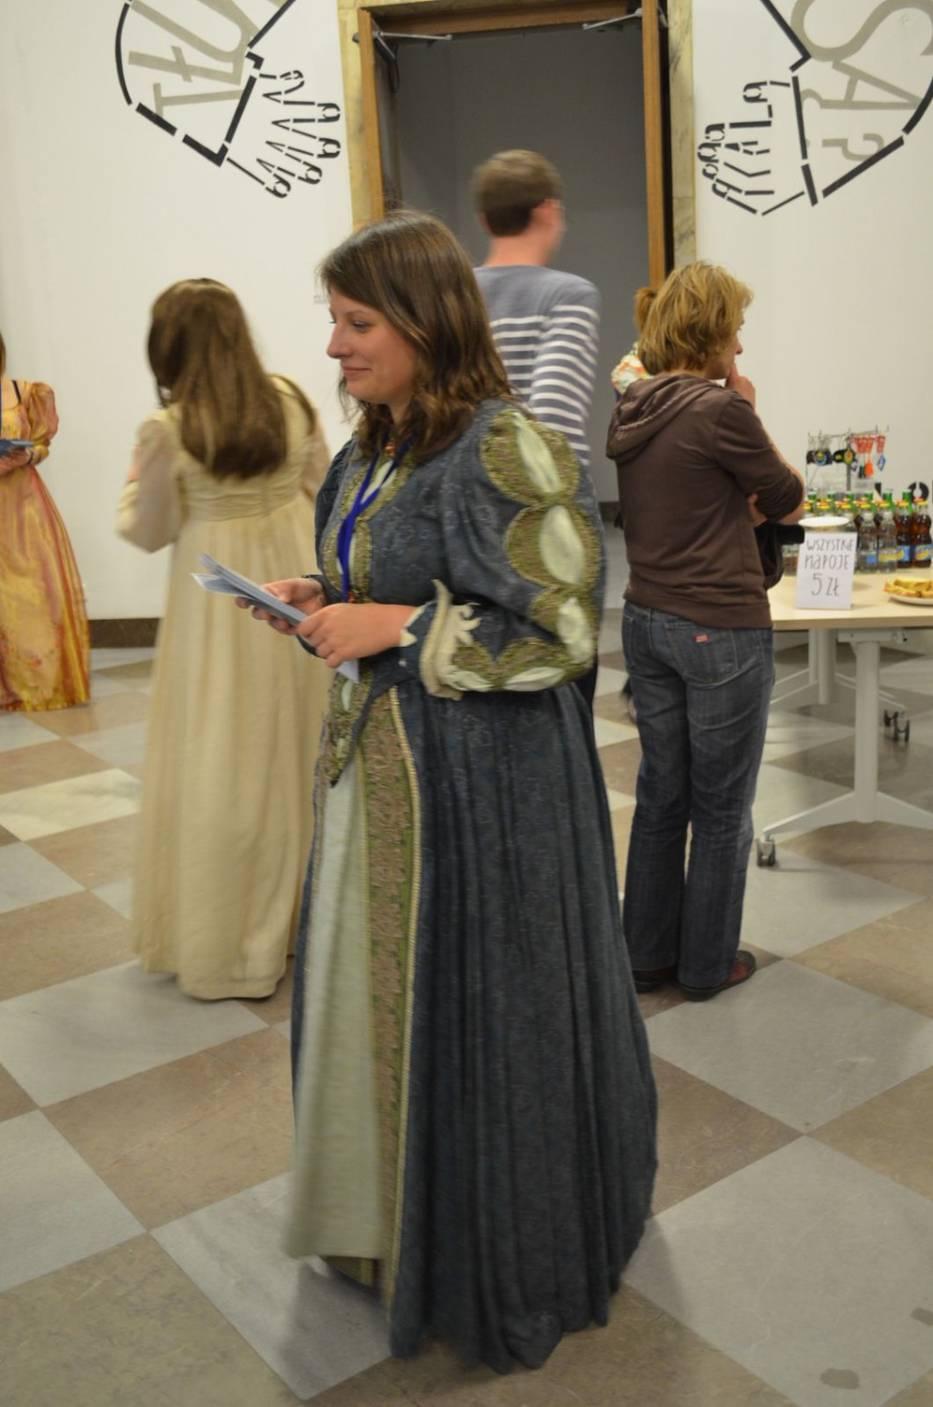 Państwowe Muzeum Etnograficzne zapewniło zwiedzającym Noc Kuglarzy